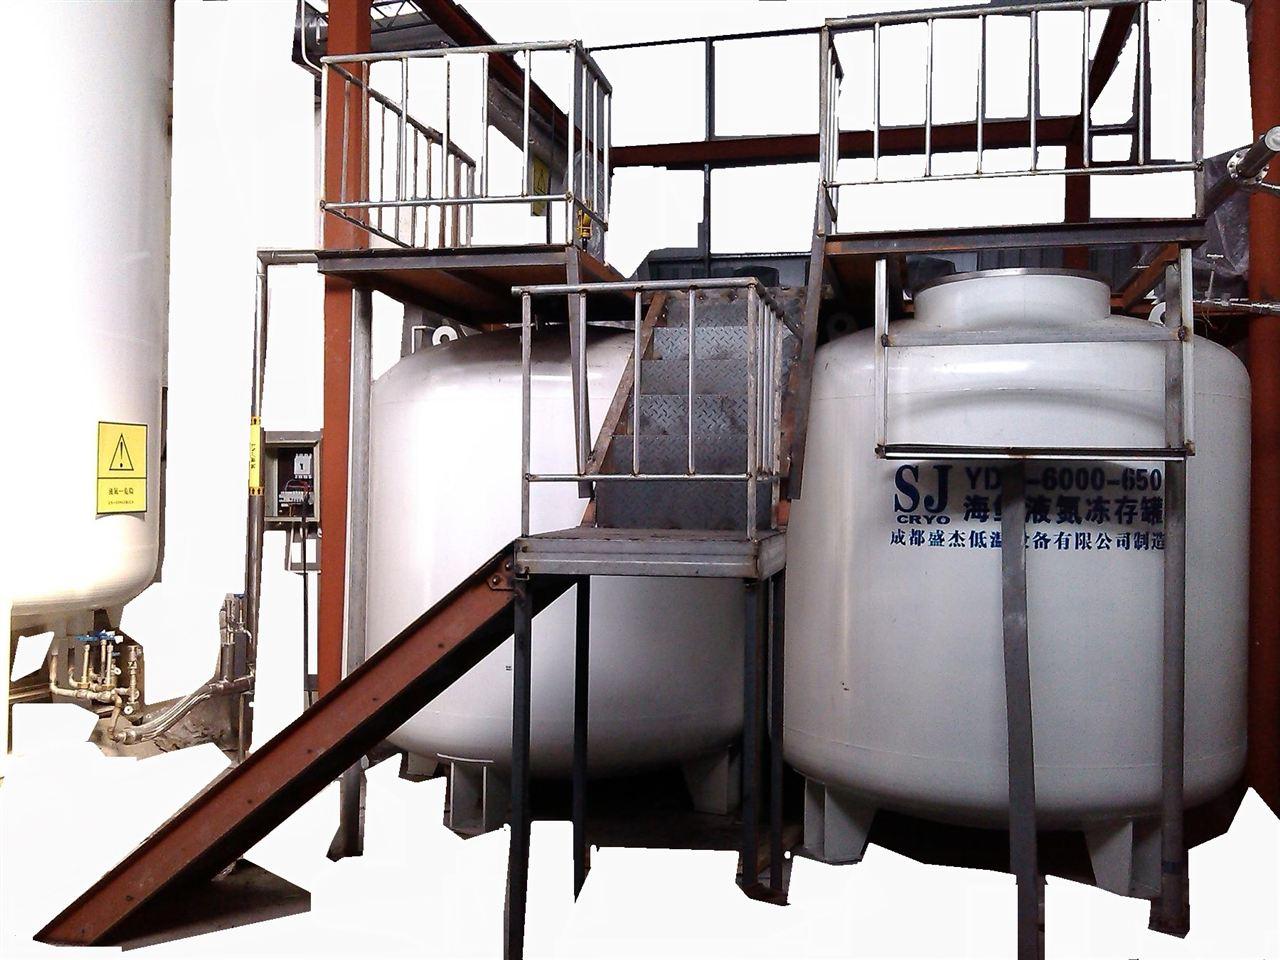 海鲜液氮罐YDS-6000-650